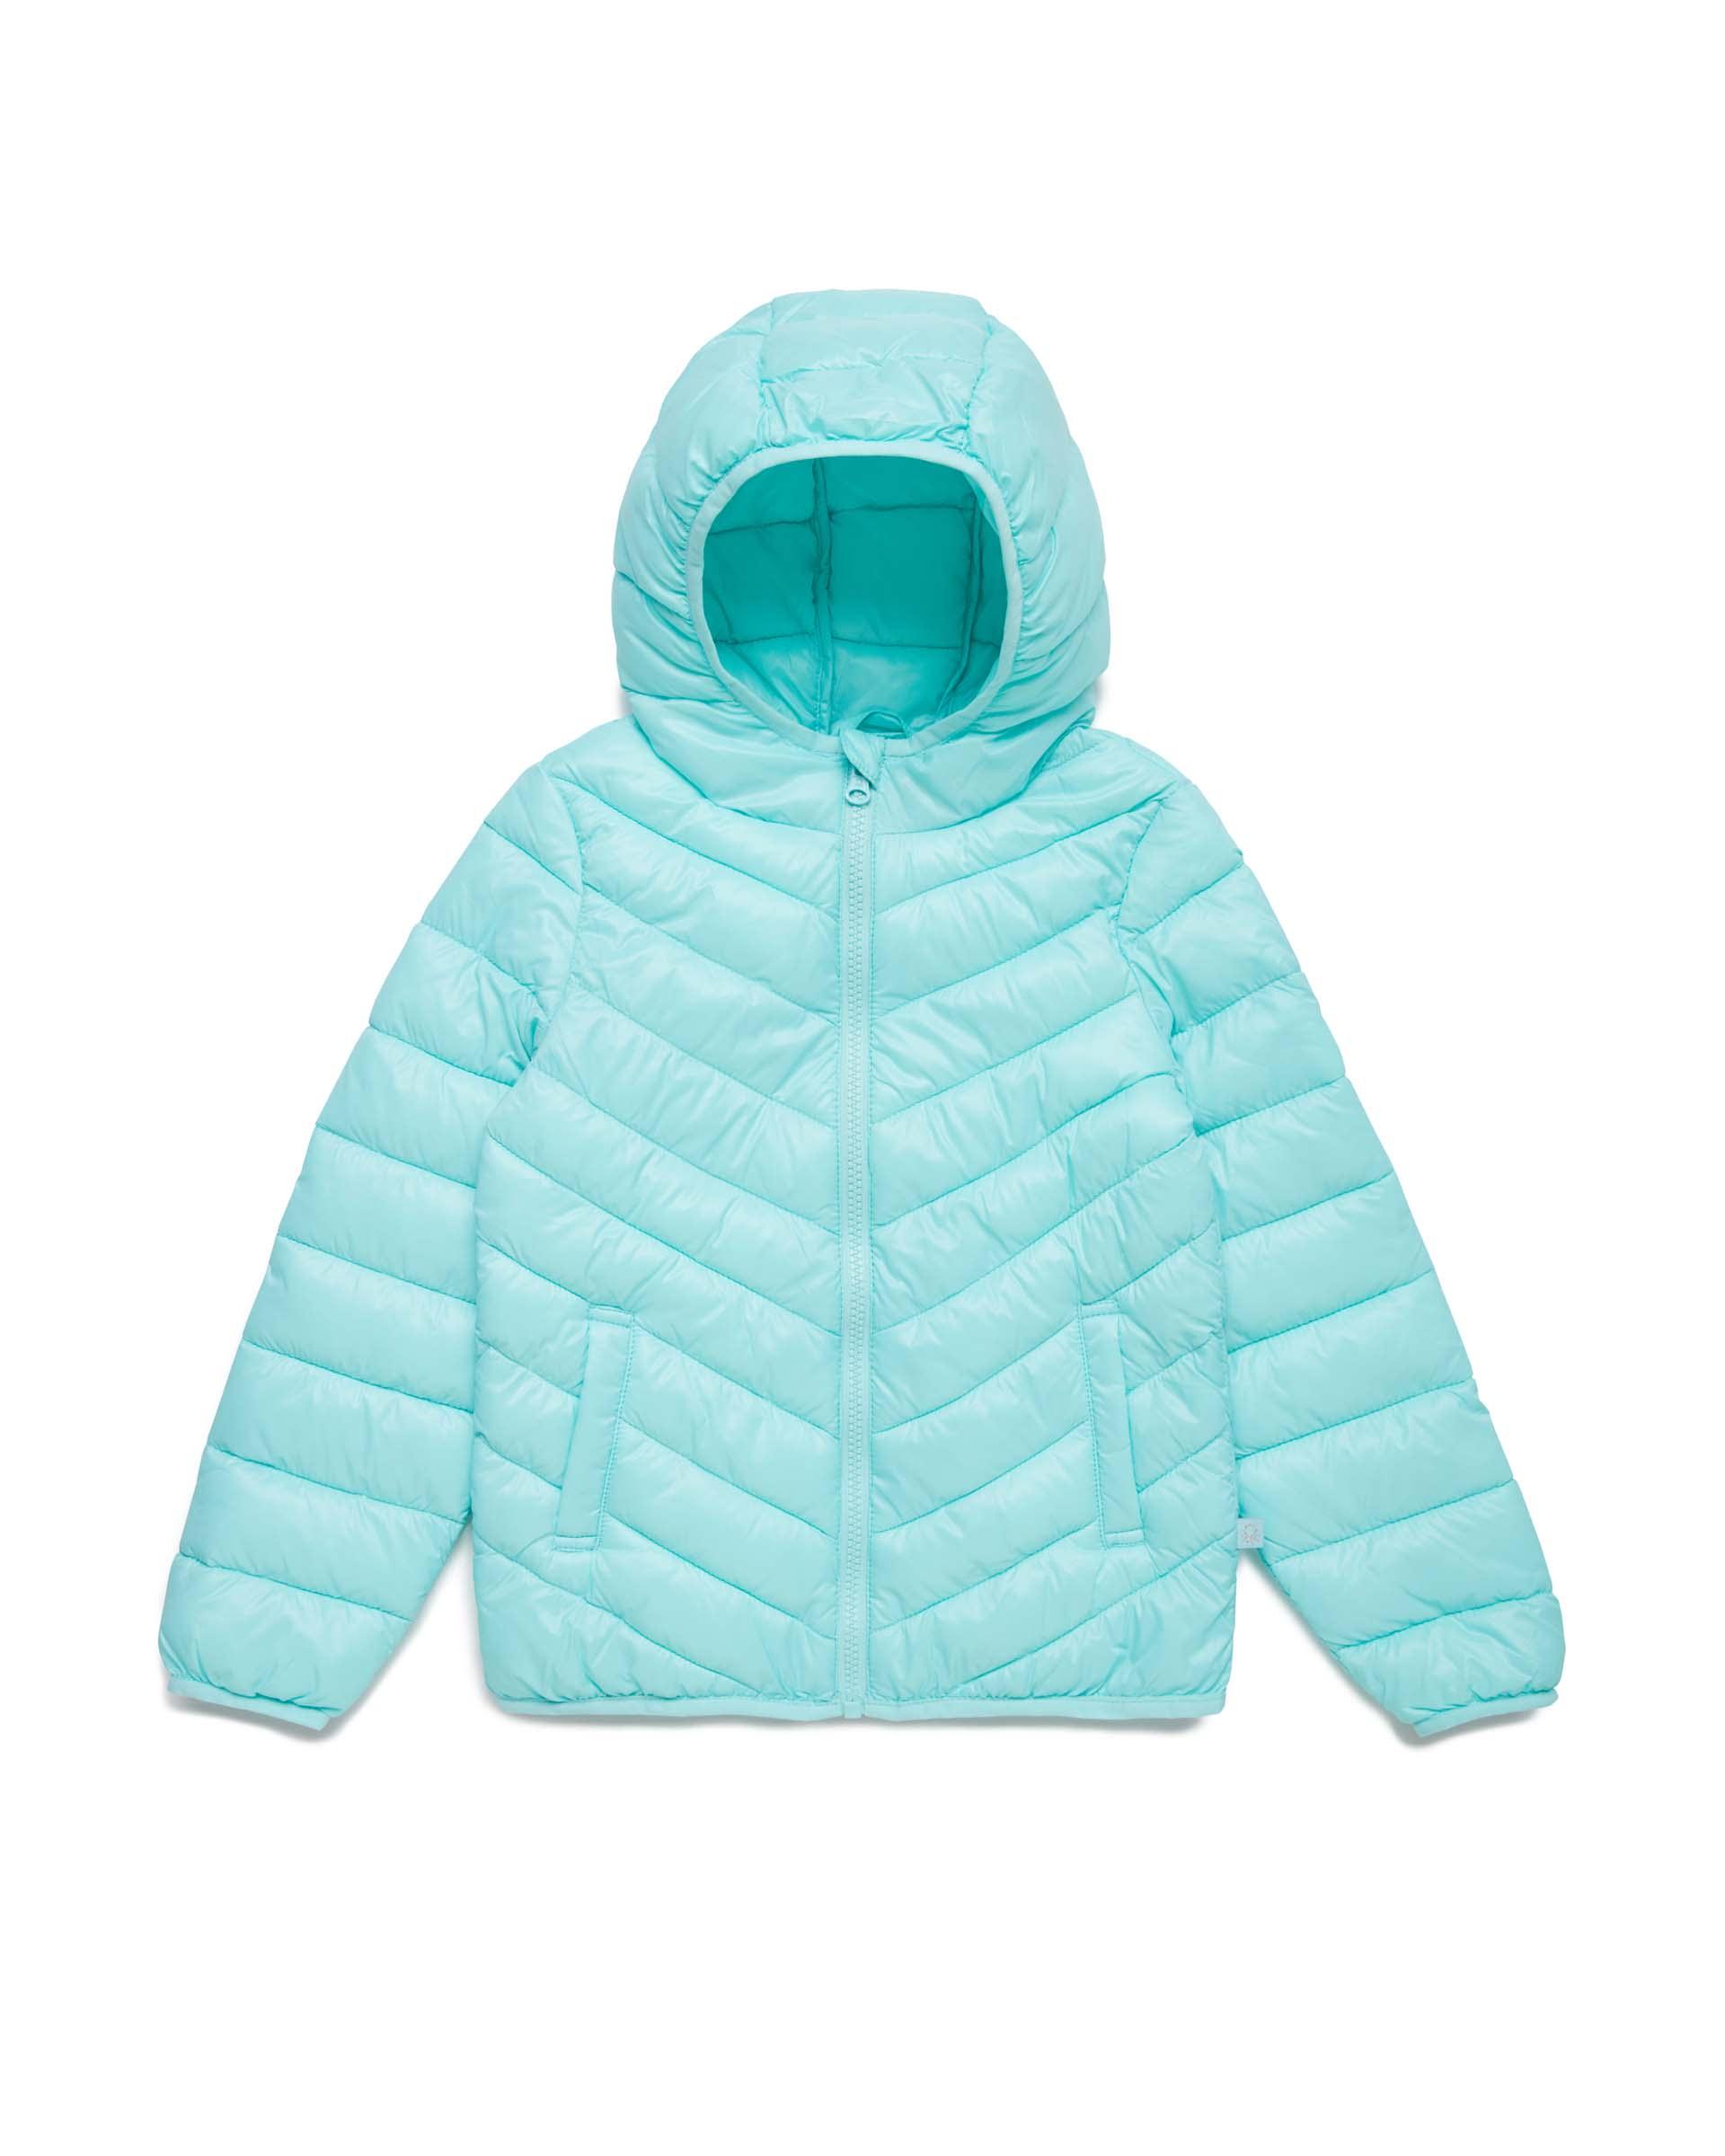 Купить 20P_2RQ453HQ0_0Z8, Укороченная куртка для девочек Benetton 2RQ453HQ0_0Z8 р-р 80, United Colors of Benetton, Куртки для девочек